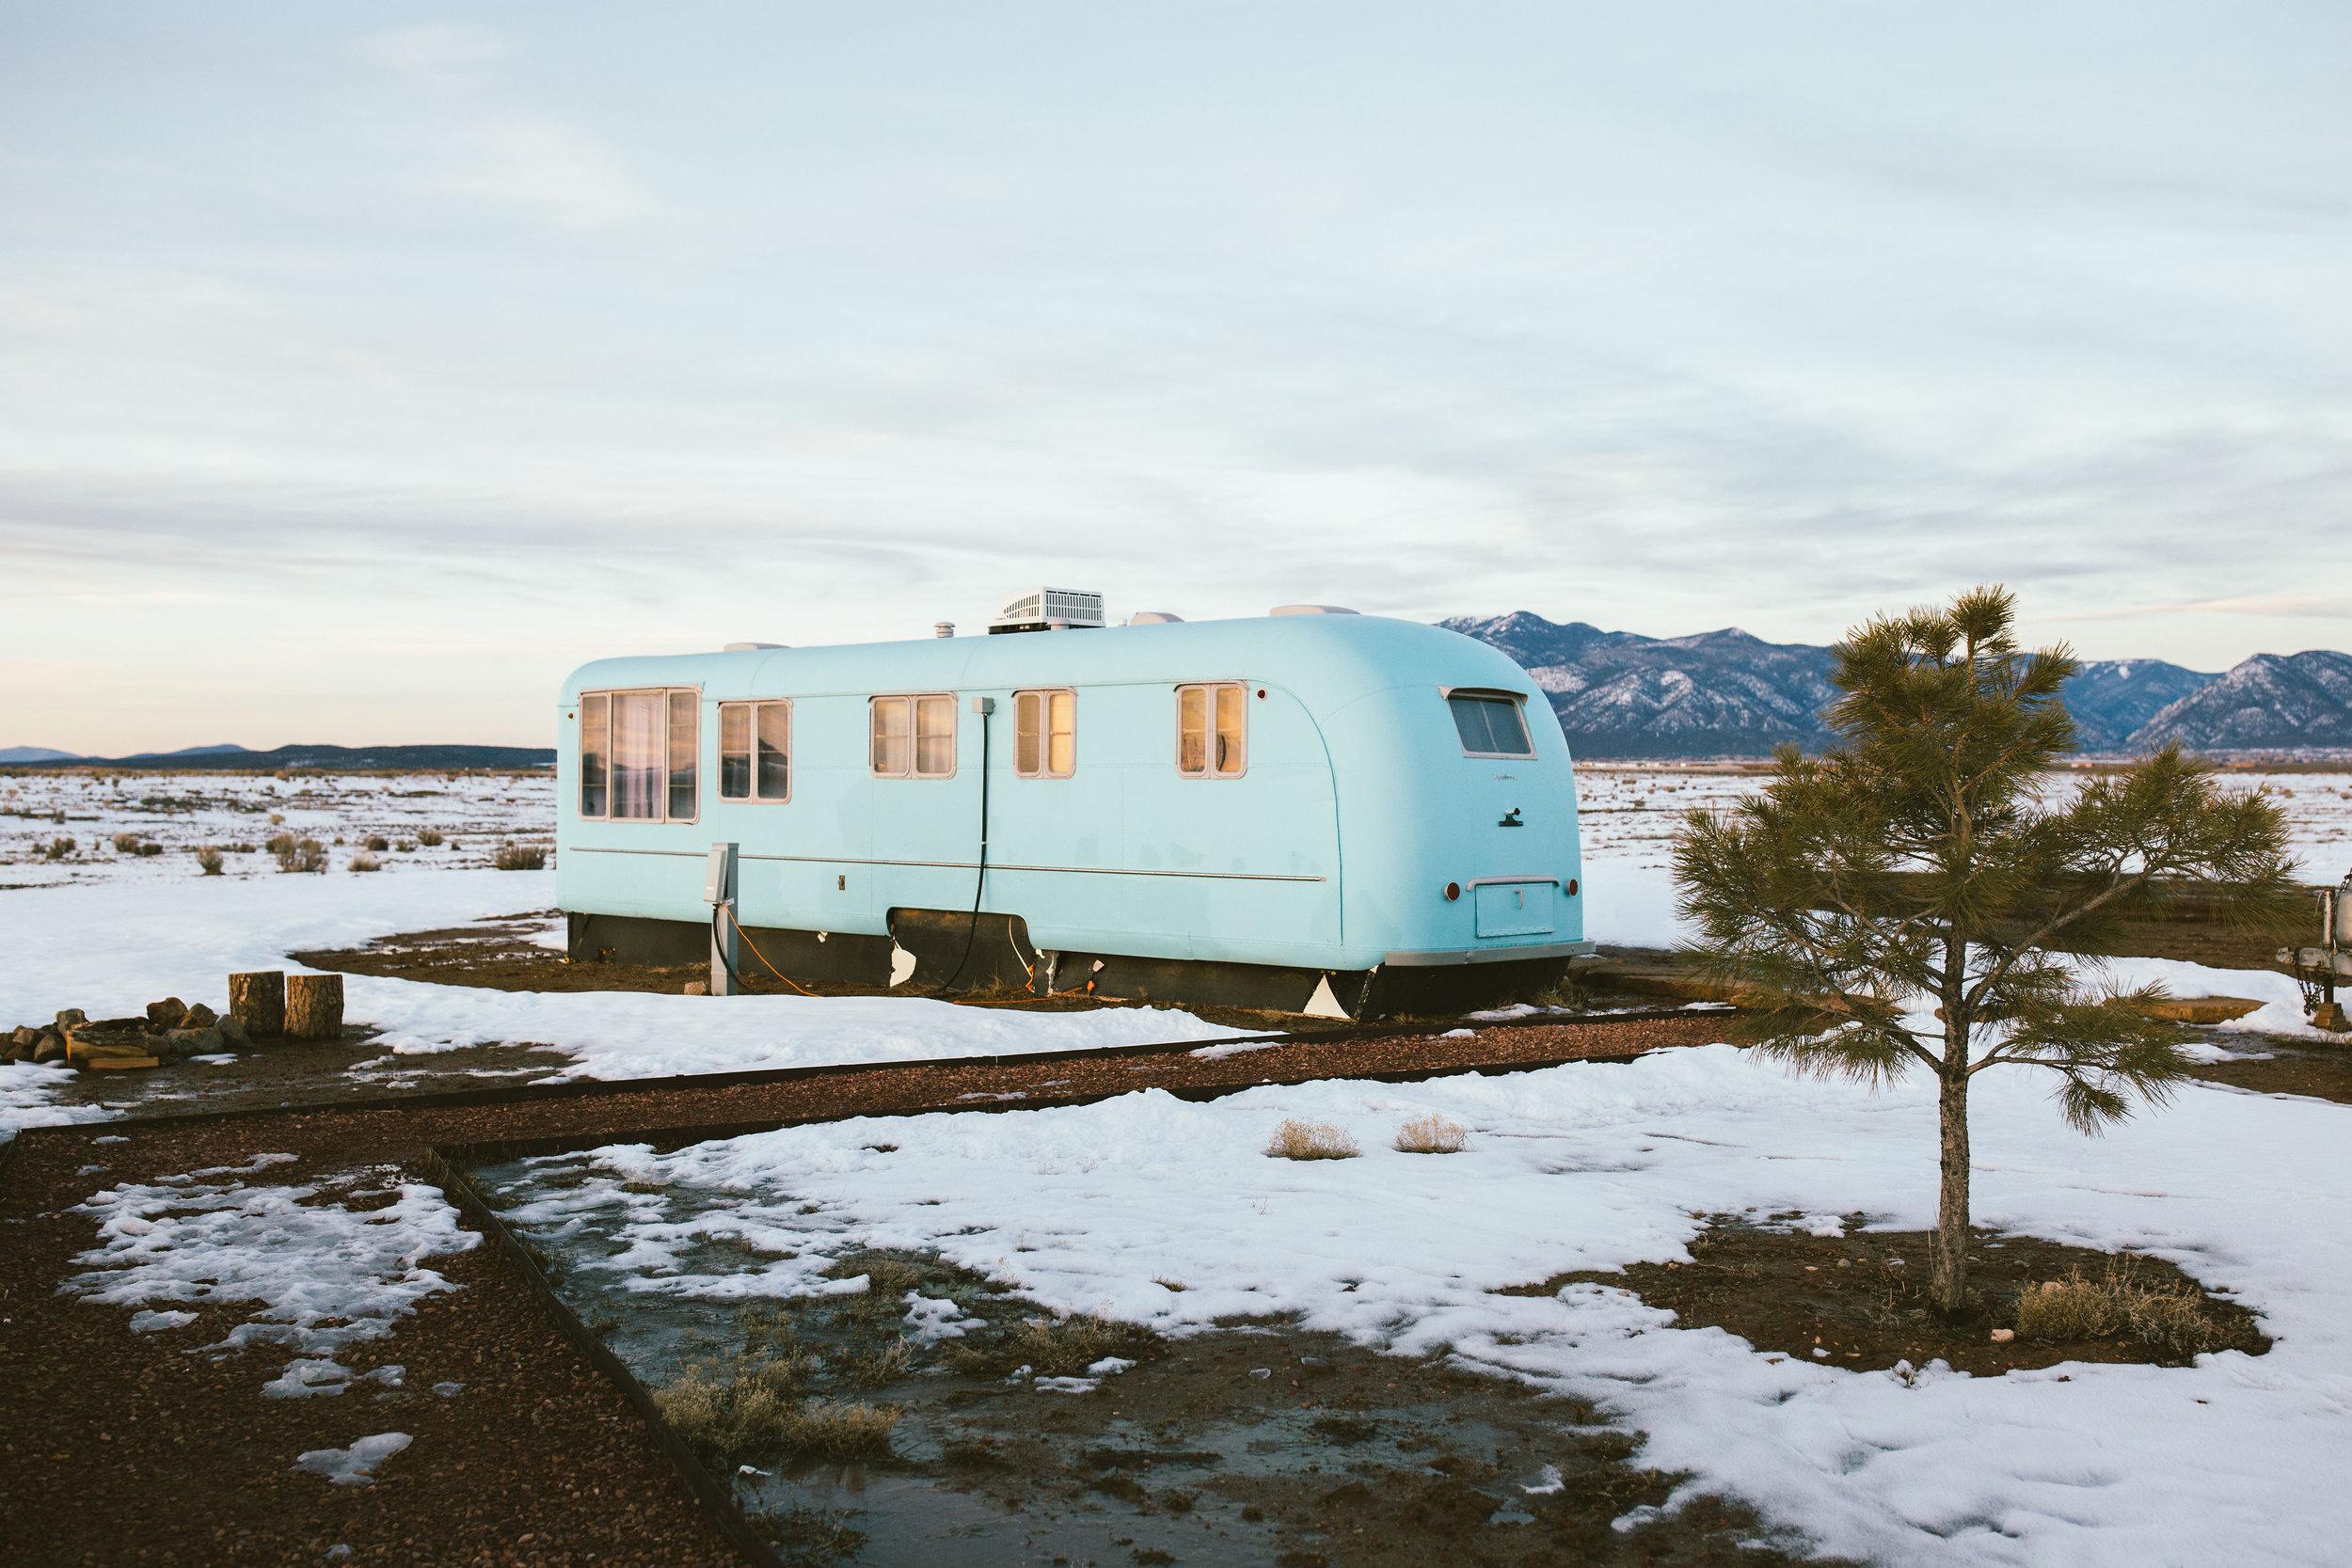 Taos, New Mexico -